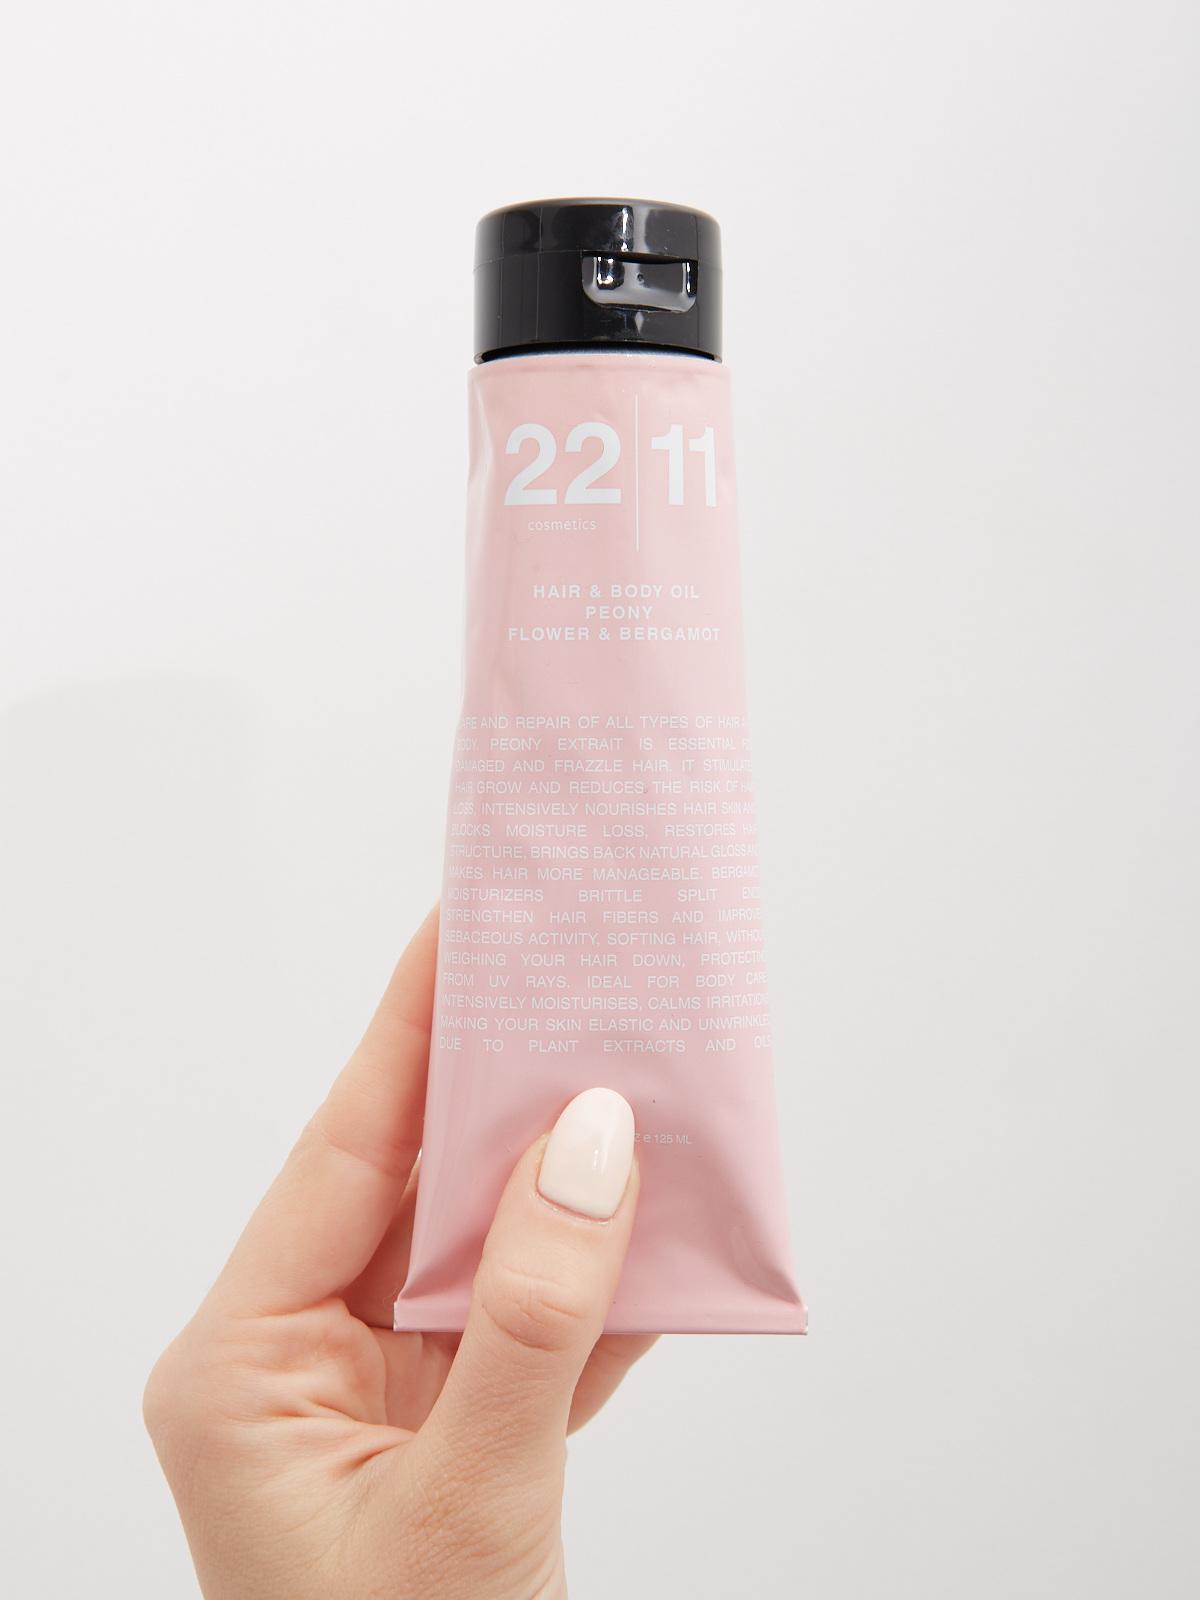 Масло для тела и волос 22|11 Flower & Bergamot